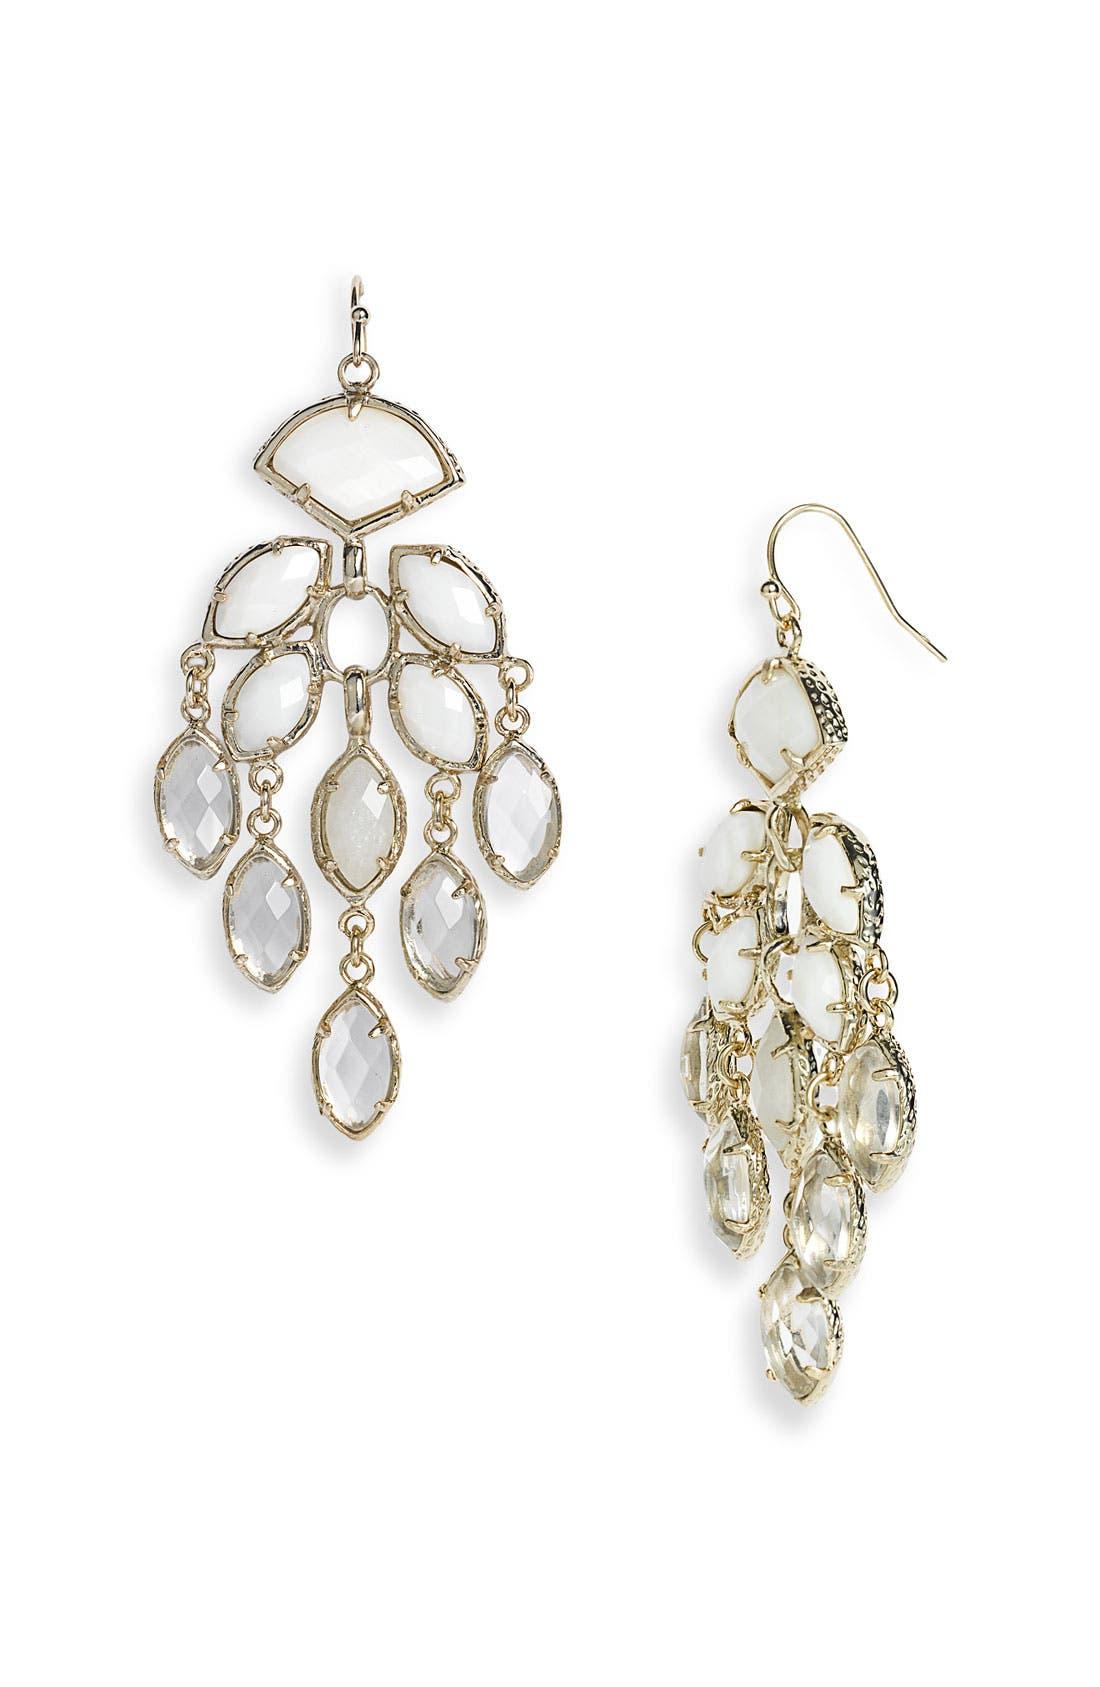 Main Image - Kendra Scott 'Gwen' Large Chandelier Earrings